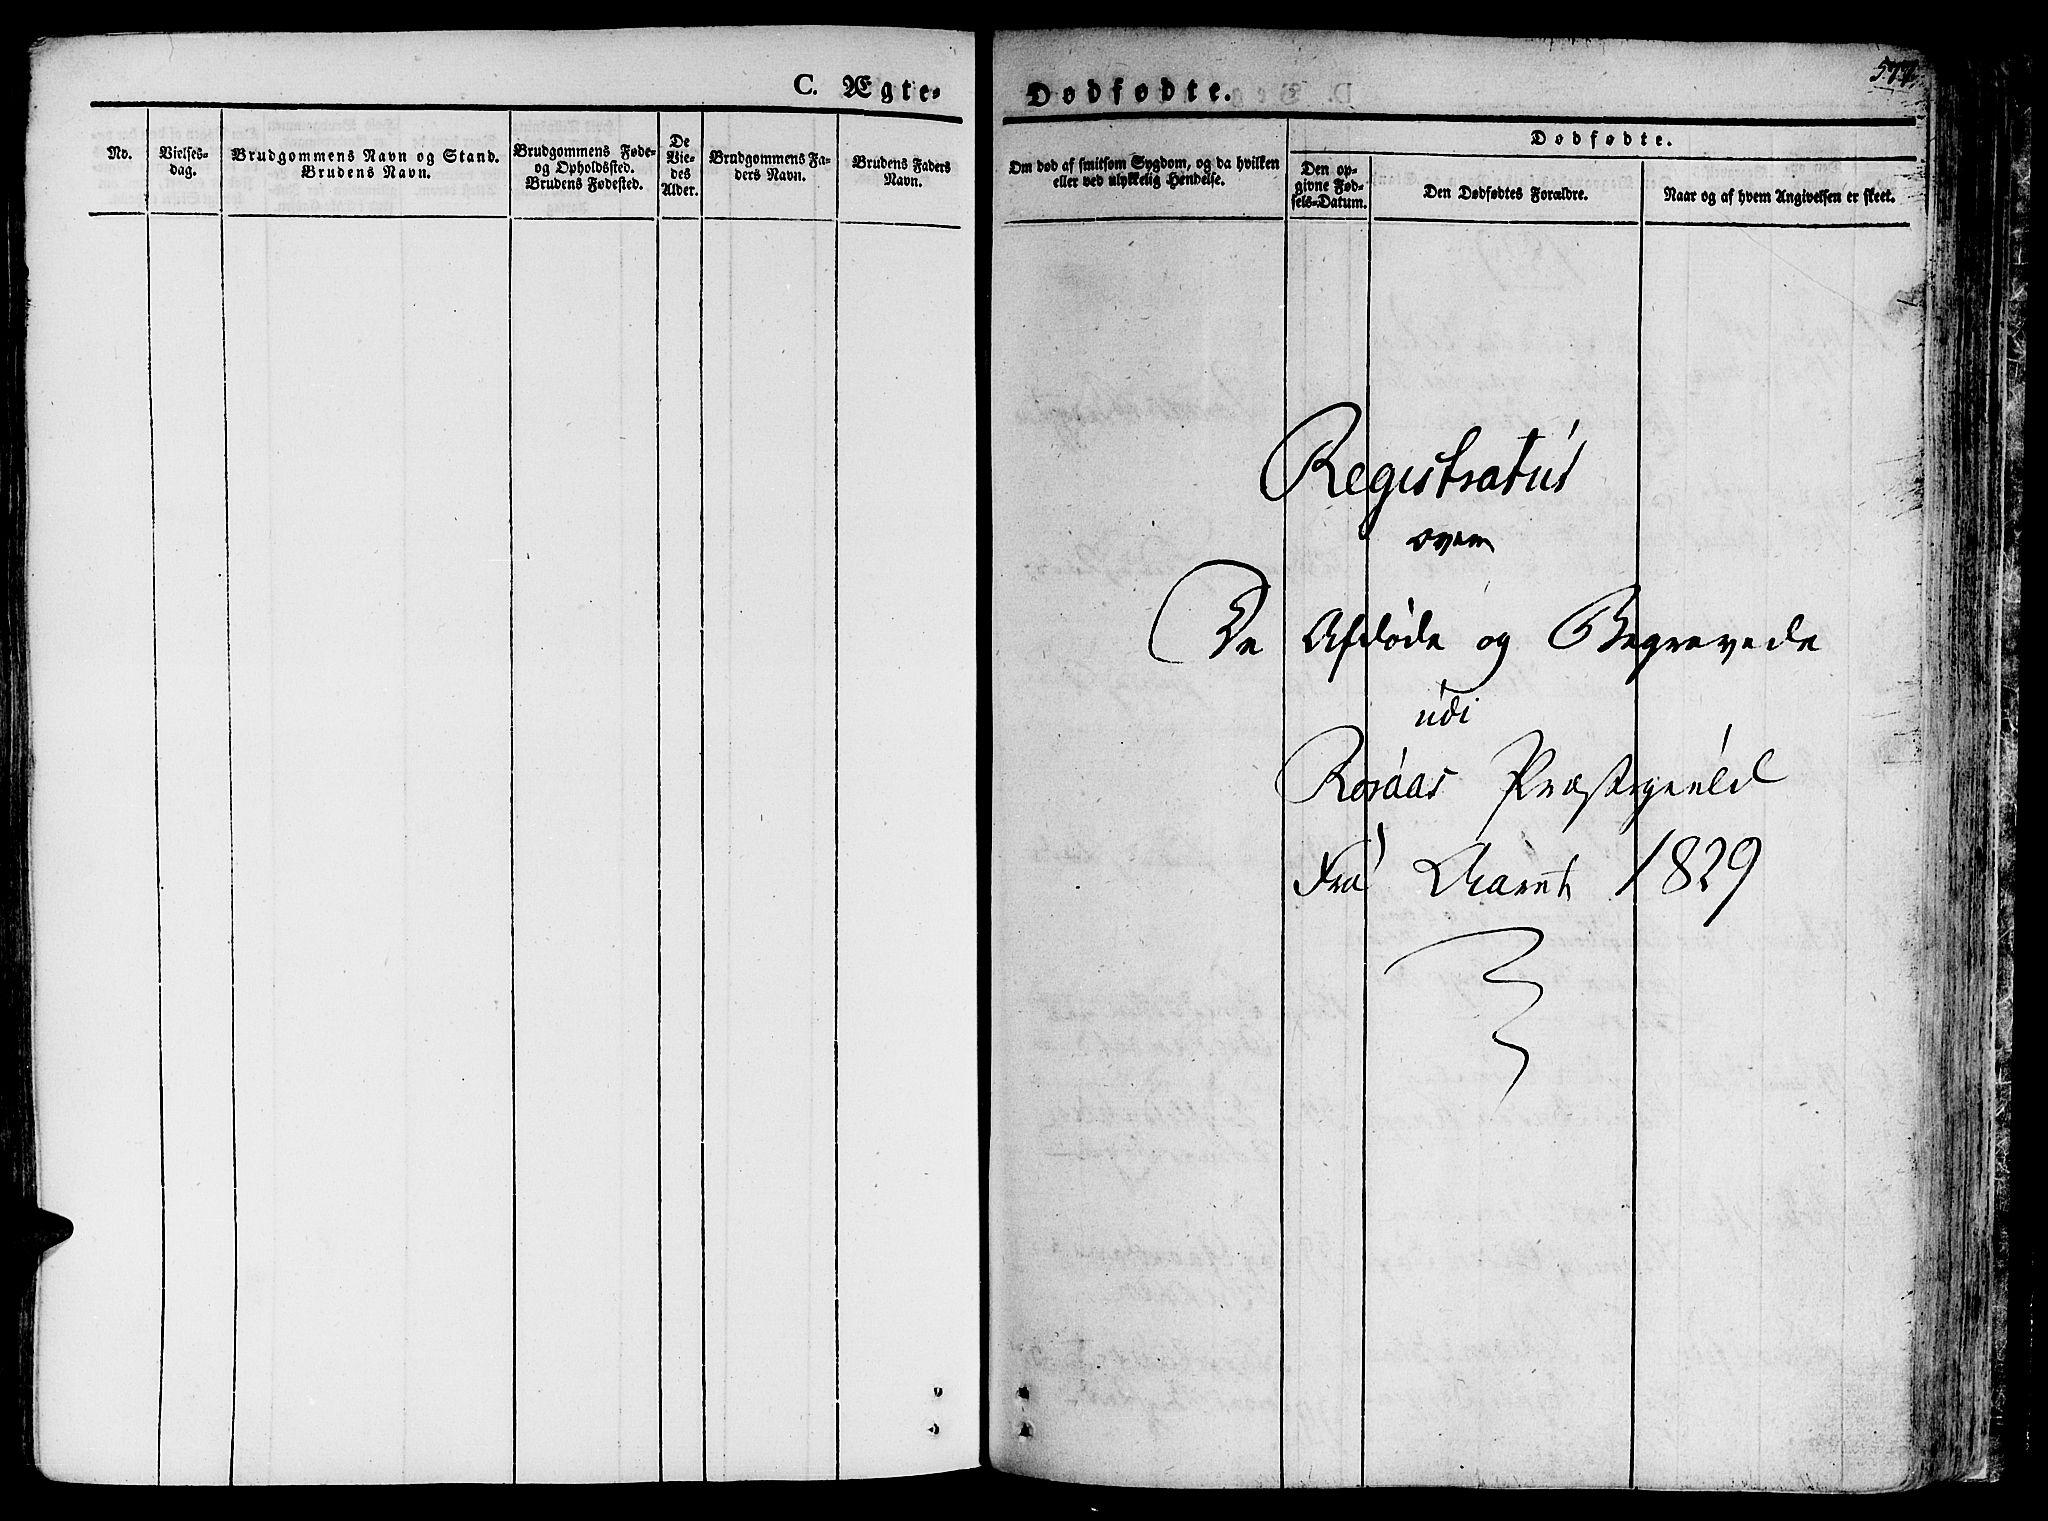 SAT, Ministerialprotokoller, klokkerbøker og fødselsregistre - Sør-Trøndelag, 681/L0930: Ministerialbok nr. 681A08, 1829-1844, s. 577